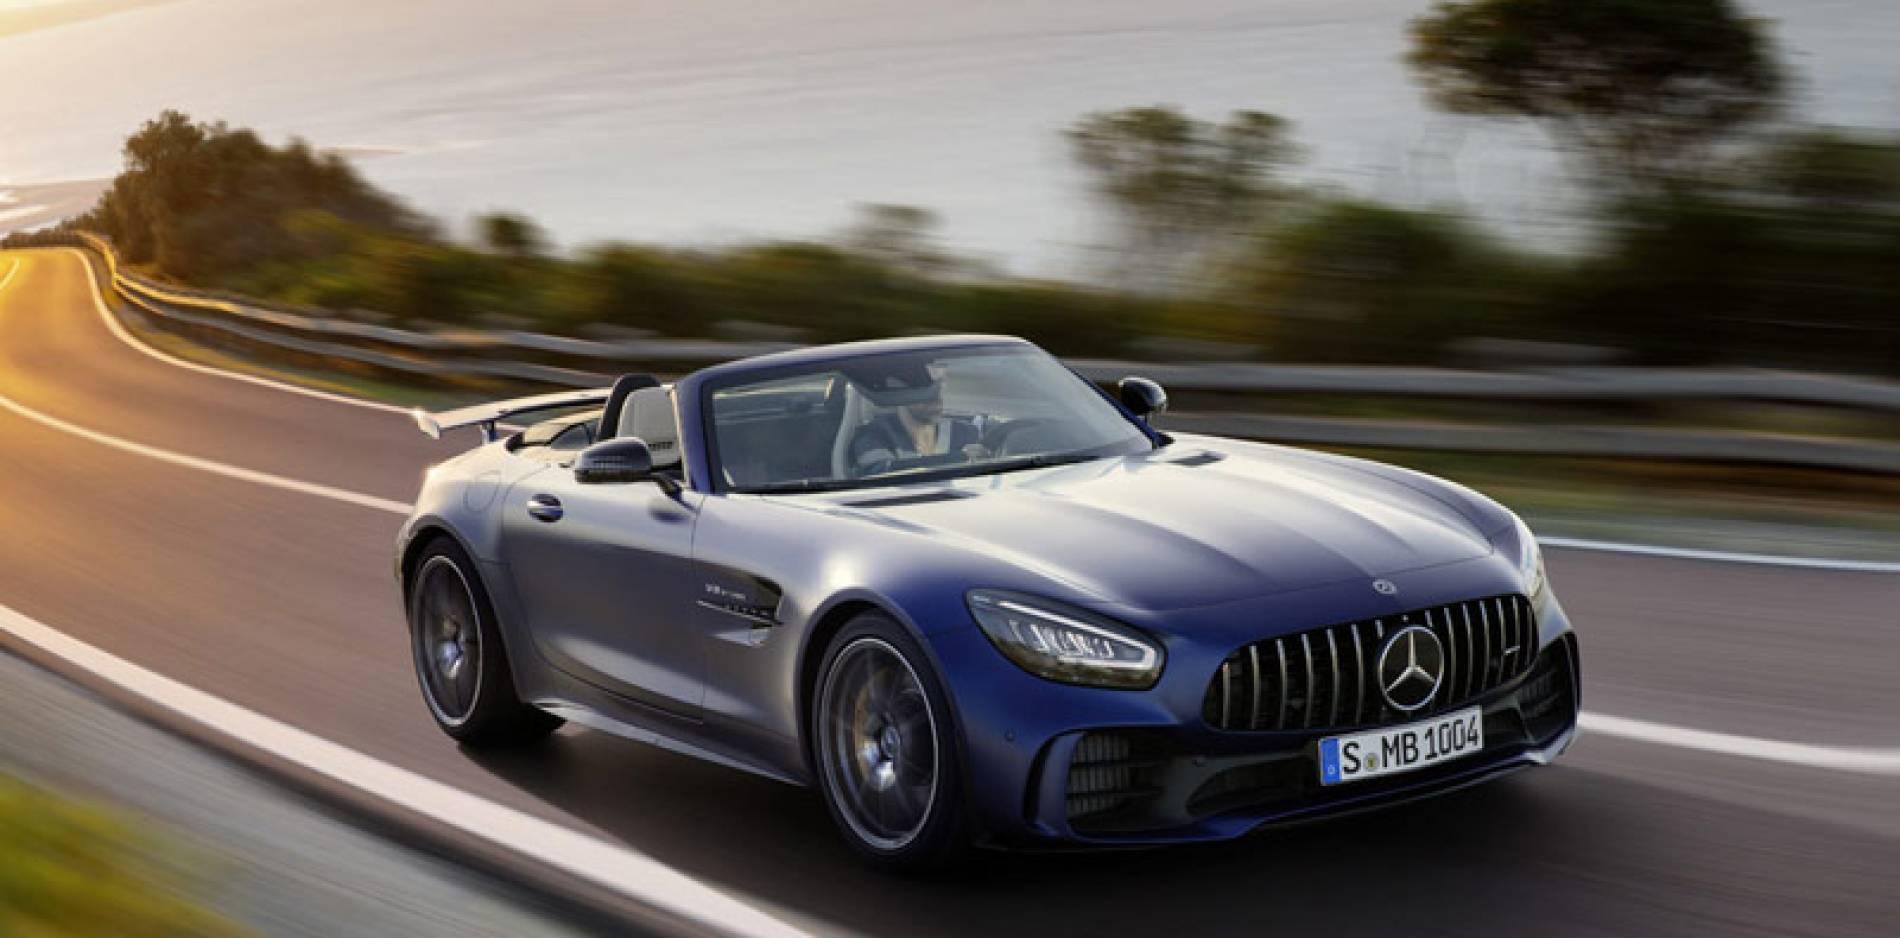 Mercedes-AMG GT R Roadster, solo para unos pocos afortunados